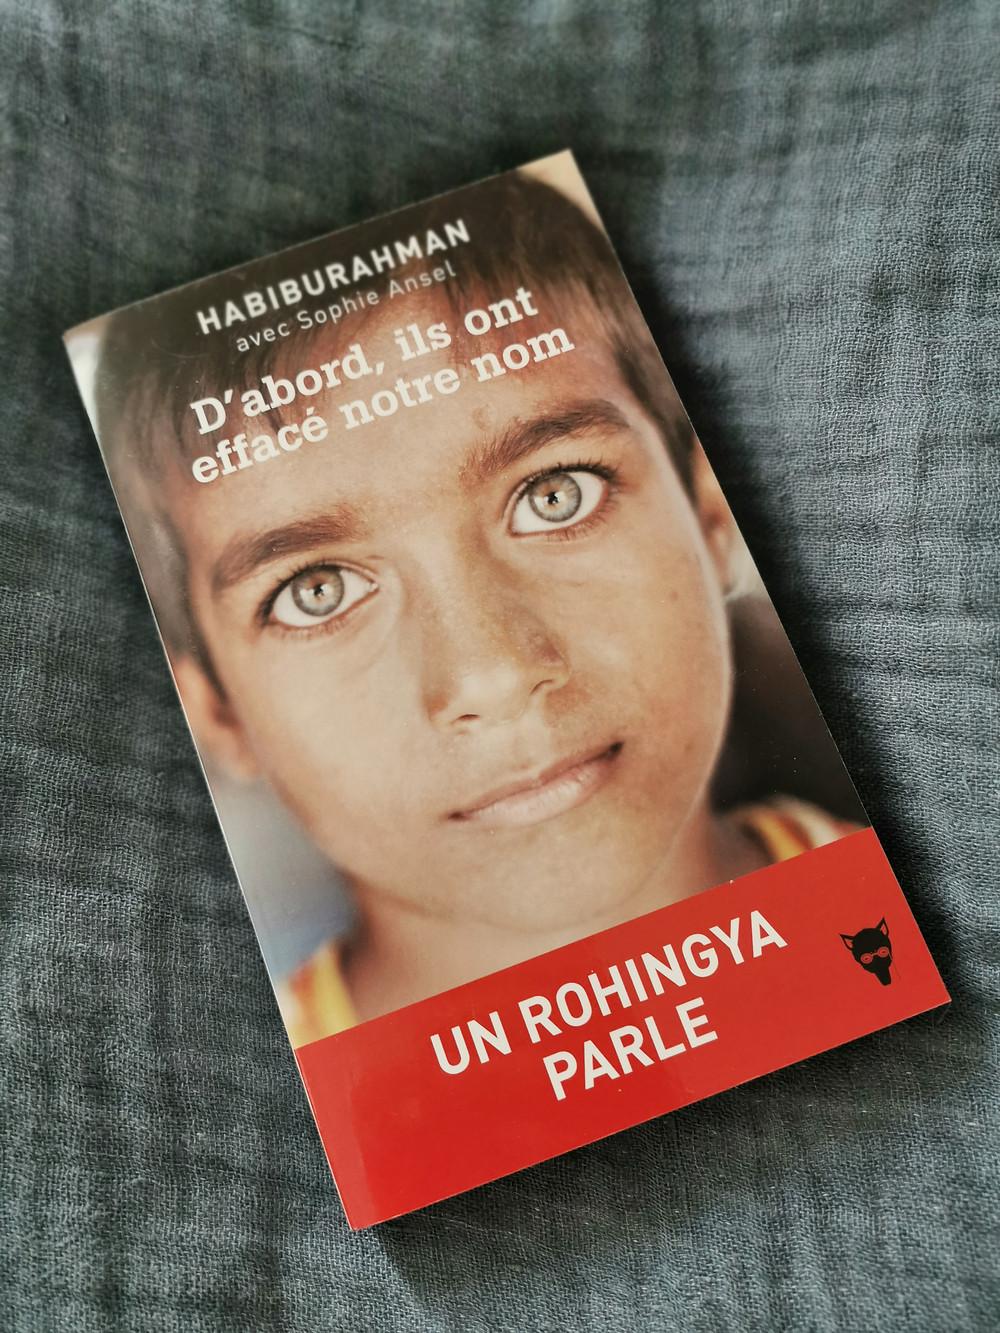 D'ABORD, ILS ONT EFFACÉ NOTRE NOM Un Rohingya parle  Habiburahman, Sophie Ansel. Le premier témoignage d'un Rohingya.  Un ouvrage apporté aux éditions La Martinière, via Litcom